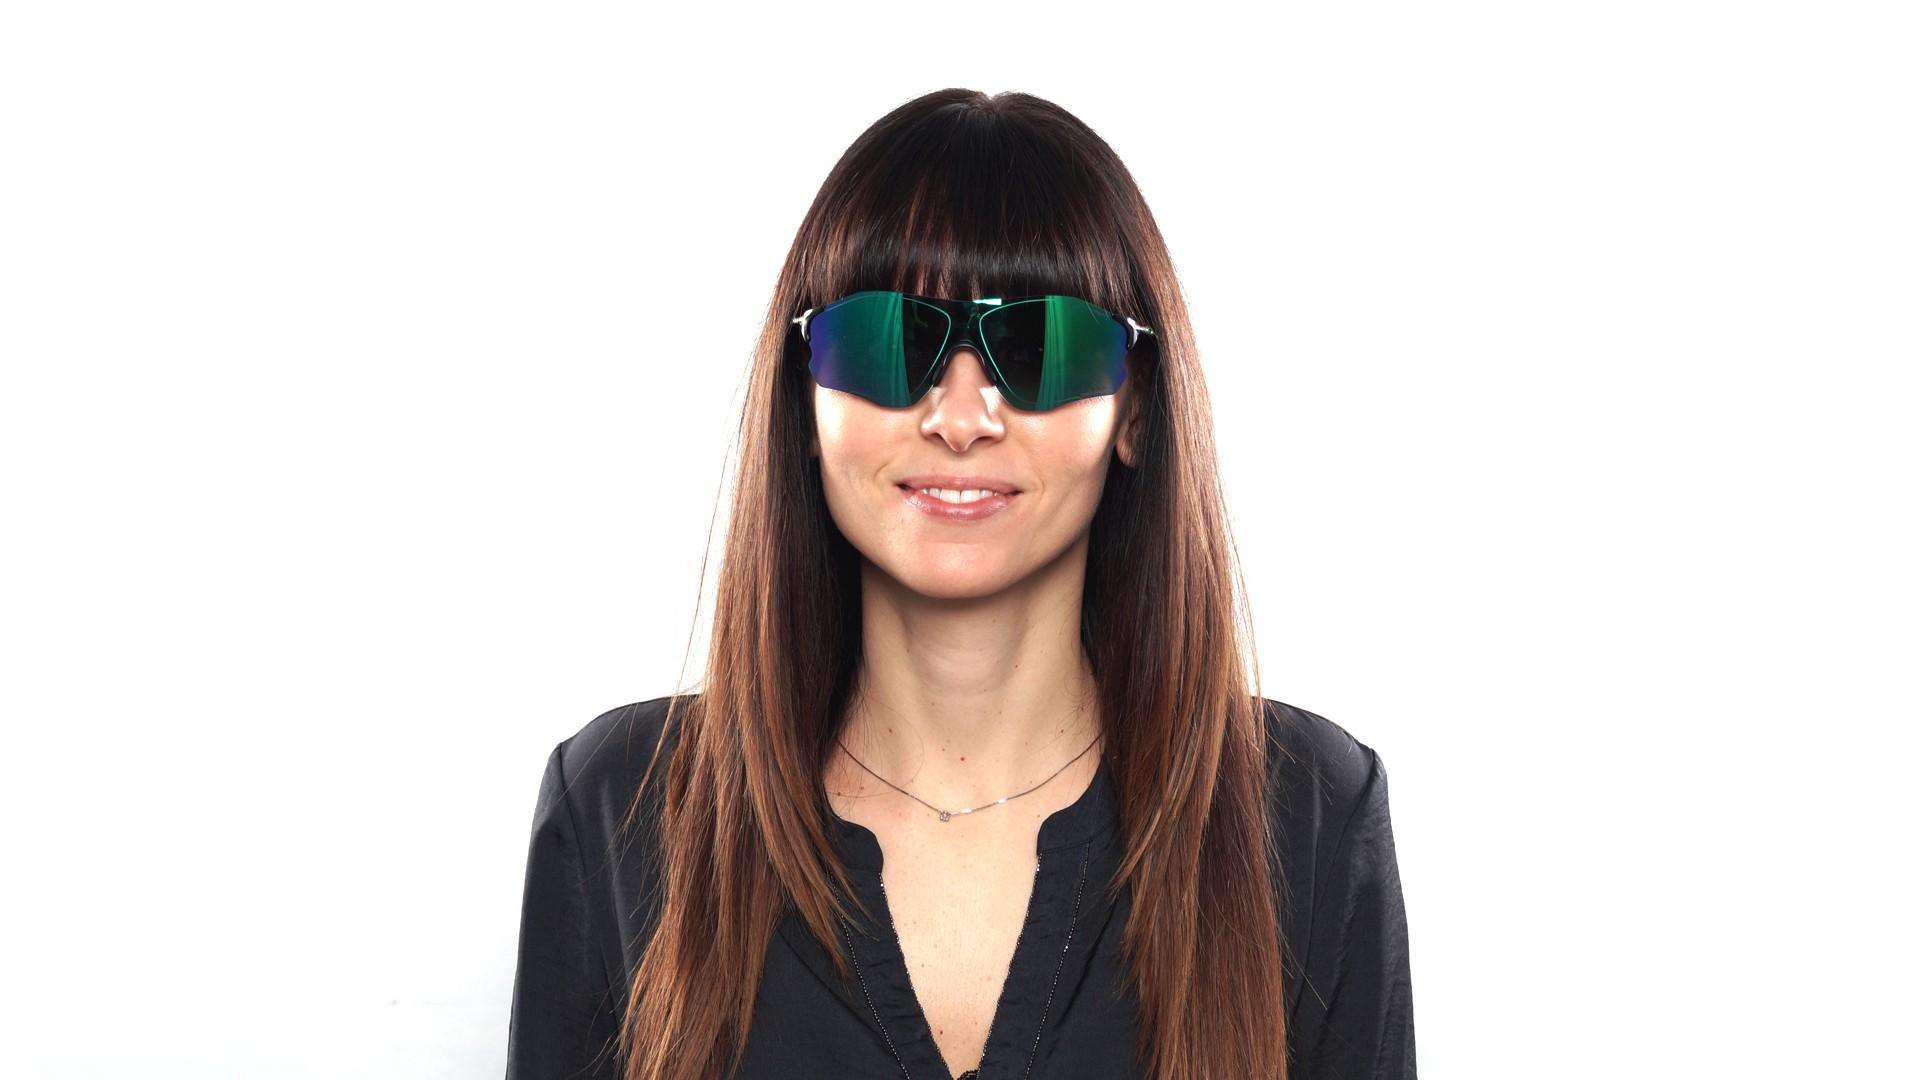 354c423d373 ... Sunglasses Oakley Evzero Polished black Path Black OO9308 08 Medium  Polarized a few days away 27666 ...